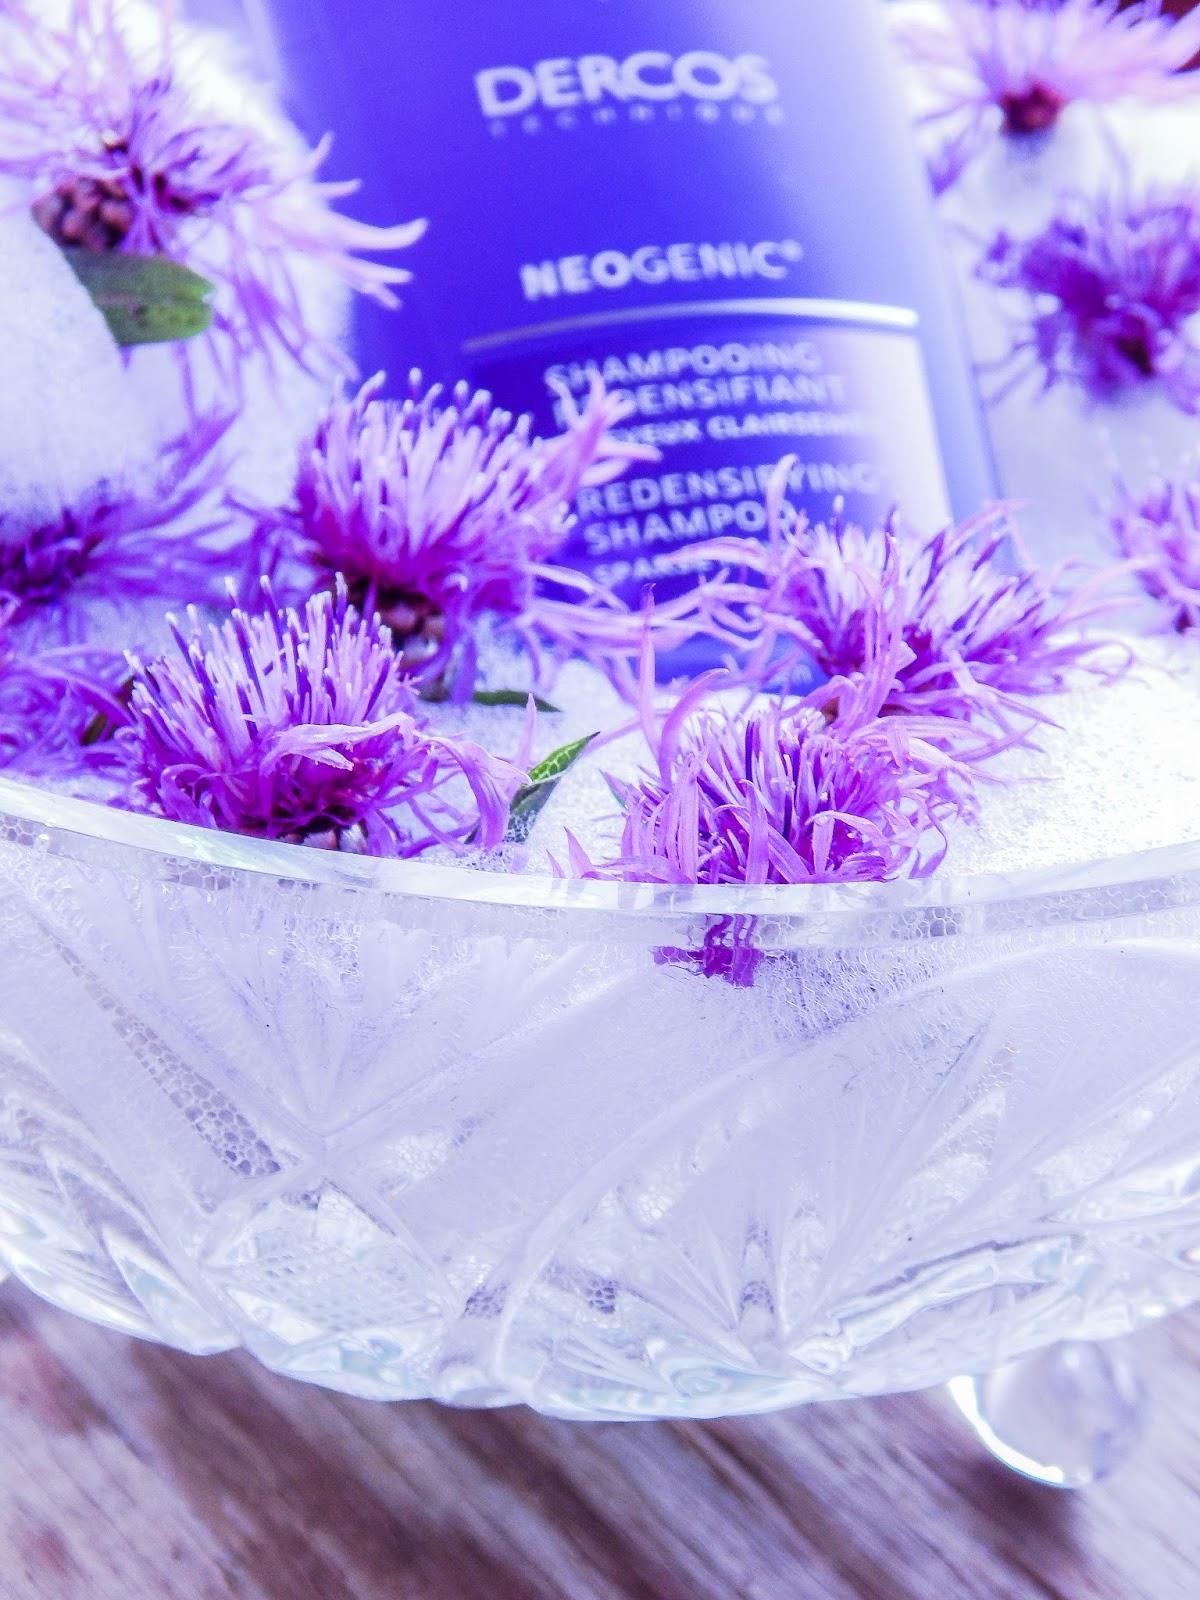 4 vichy laboratories dercos technique neogenic szampon unoszący i zagęszczający włosy recenzja opinie blog beauty lifestyle melodylaniella blogerki z łodzi blogerki łódzkie urodowe włosowe